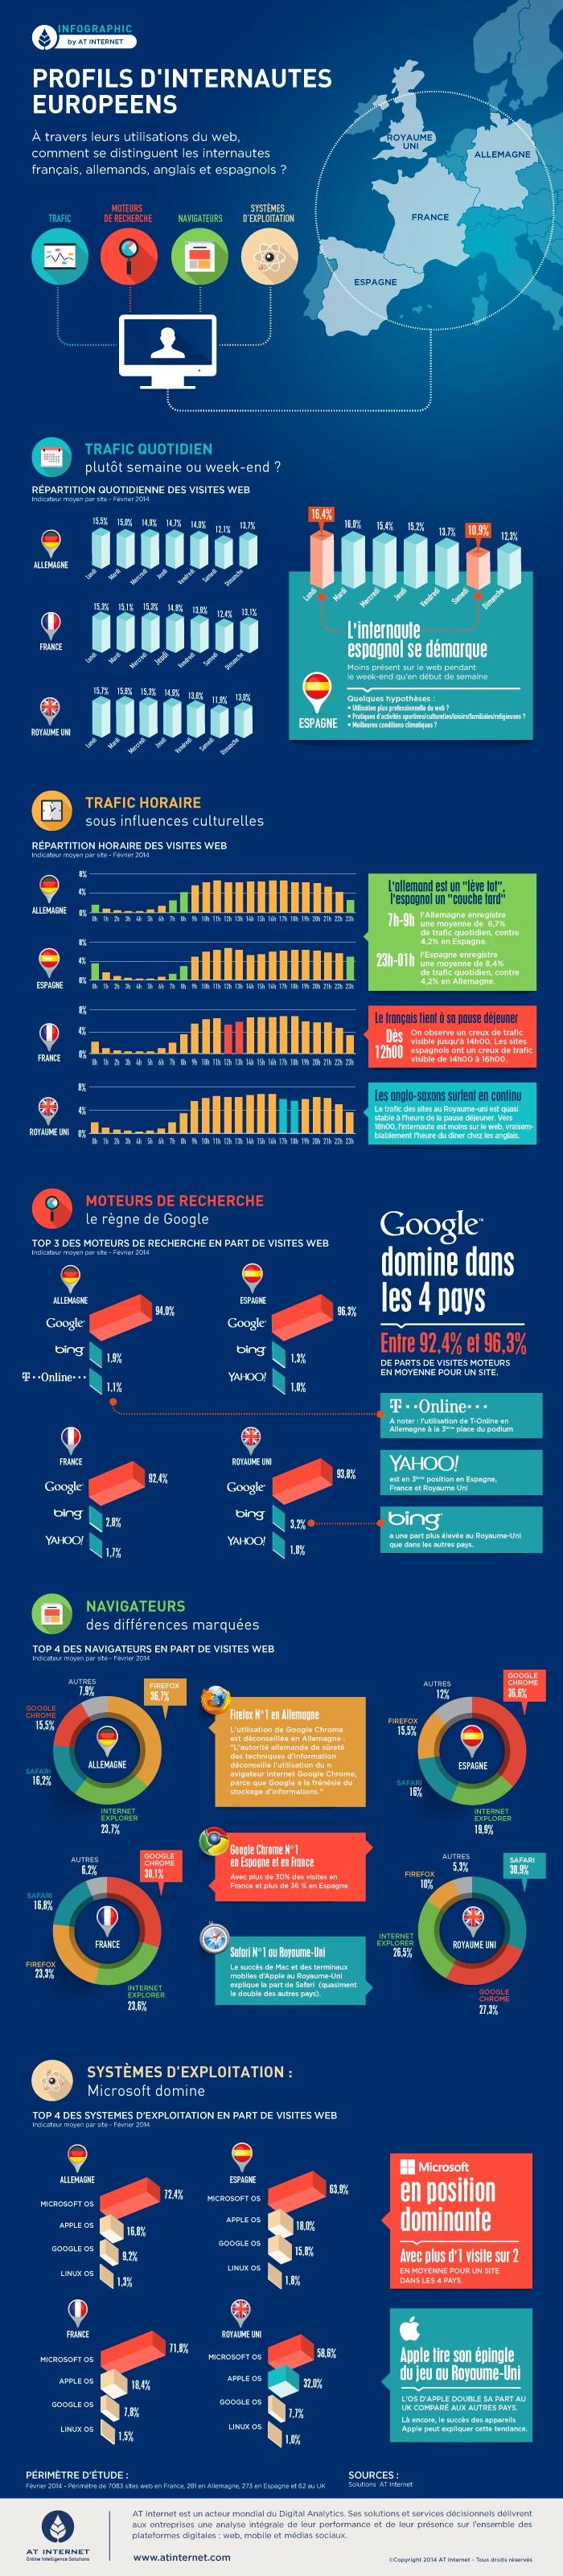 Infographie : Qui sont les internautes européens ?